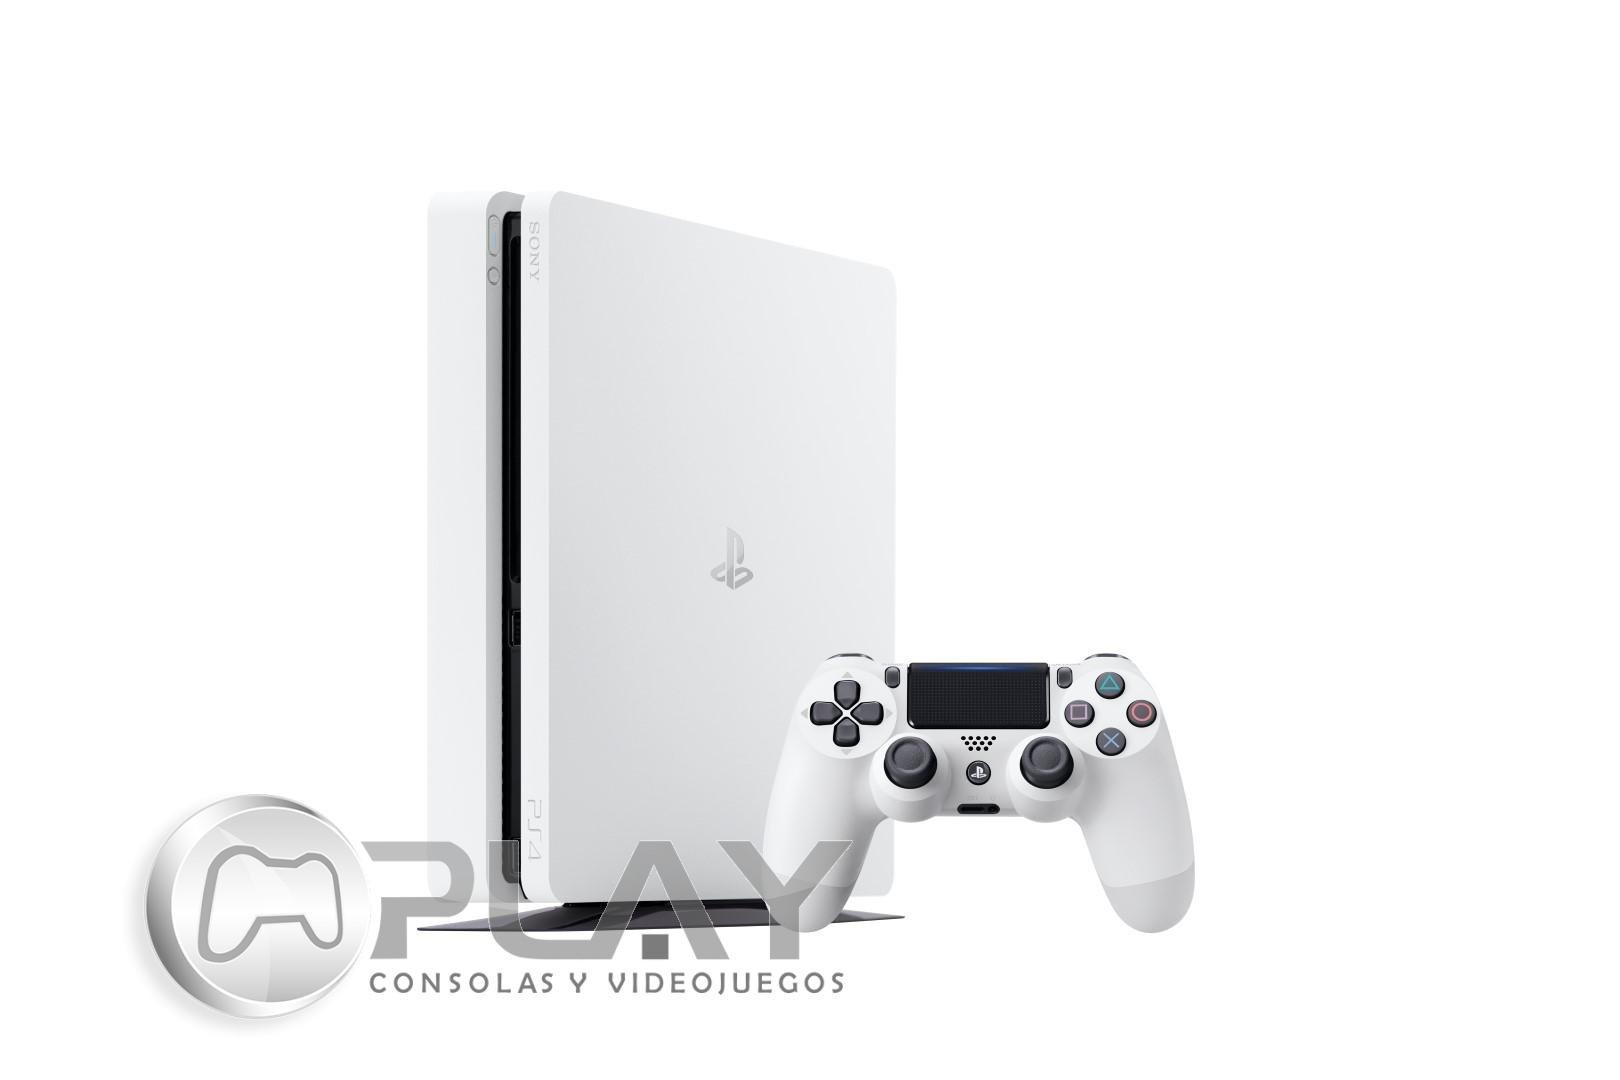 ps4 slim blanche console 500 go pack 2 jeux fifa 17 gta v ebay. Black Bedroom Furniture Sets. Home Design Ideas